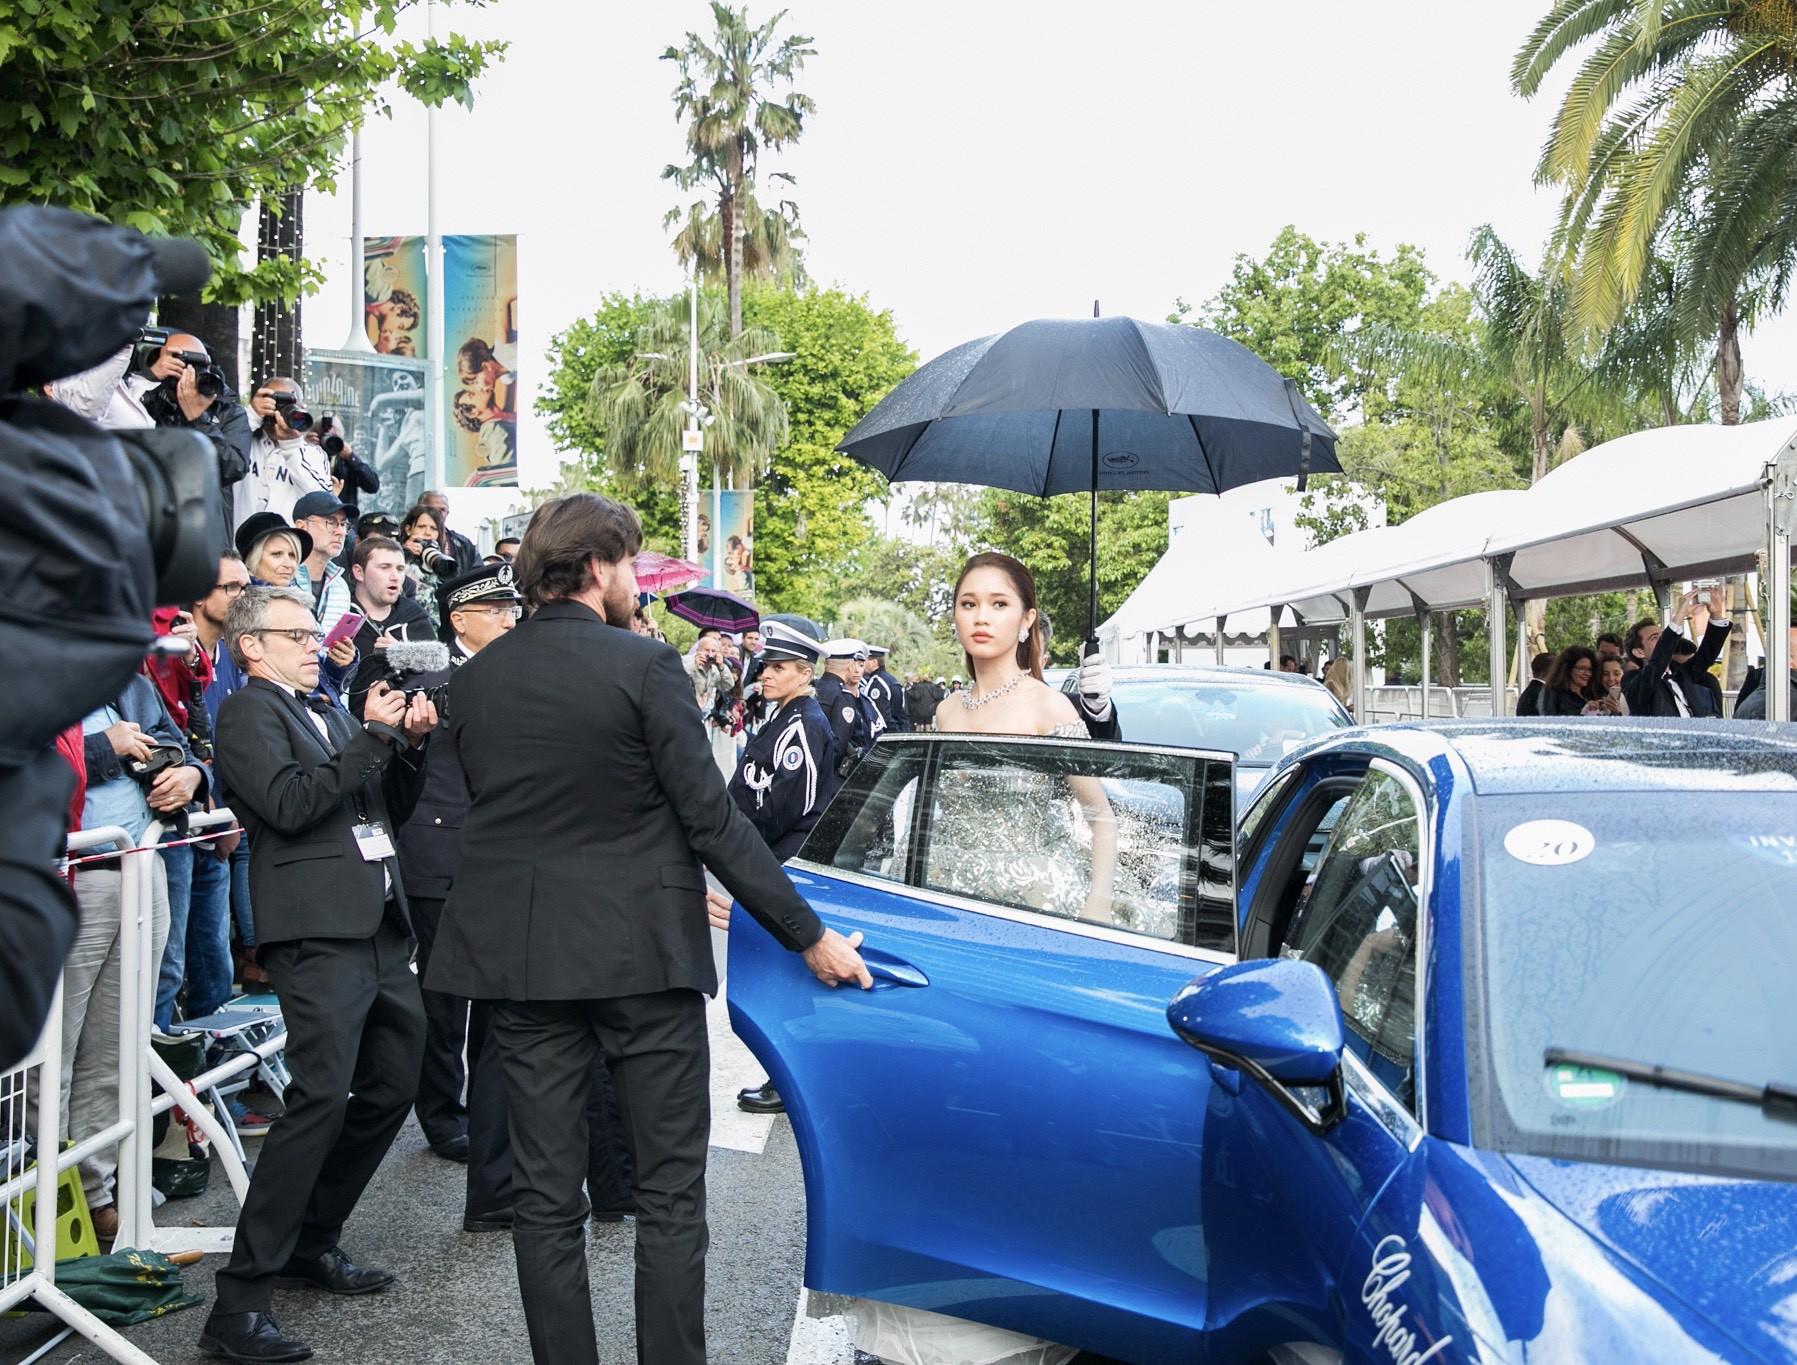 Lần đầu đến Cannes, bản sao Ngọc Trinh xuất hiện lộng lẫy trên thảm đỏ với trang sức tiền tỷ - Ảnh 10.